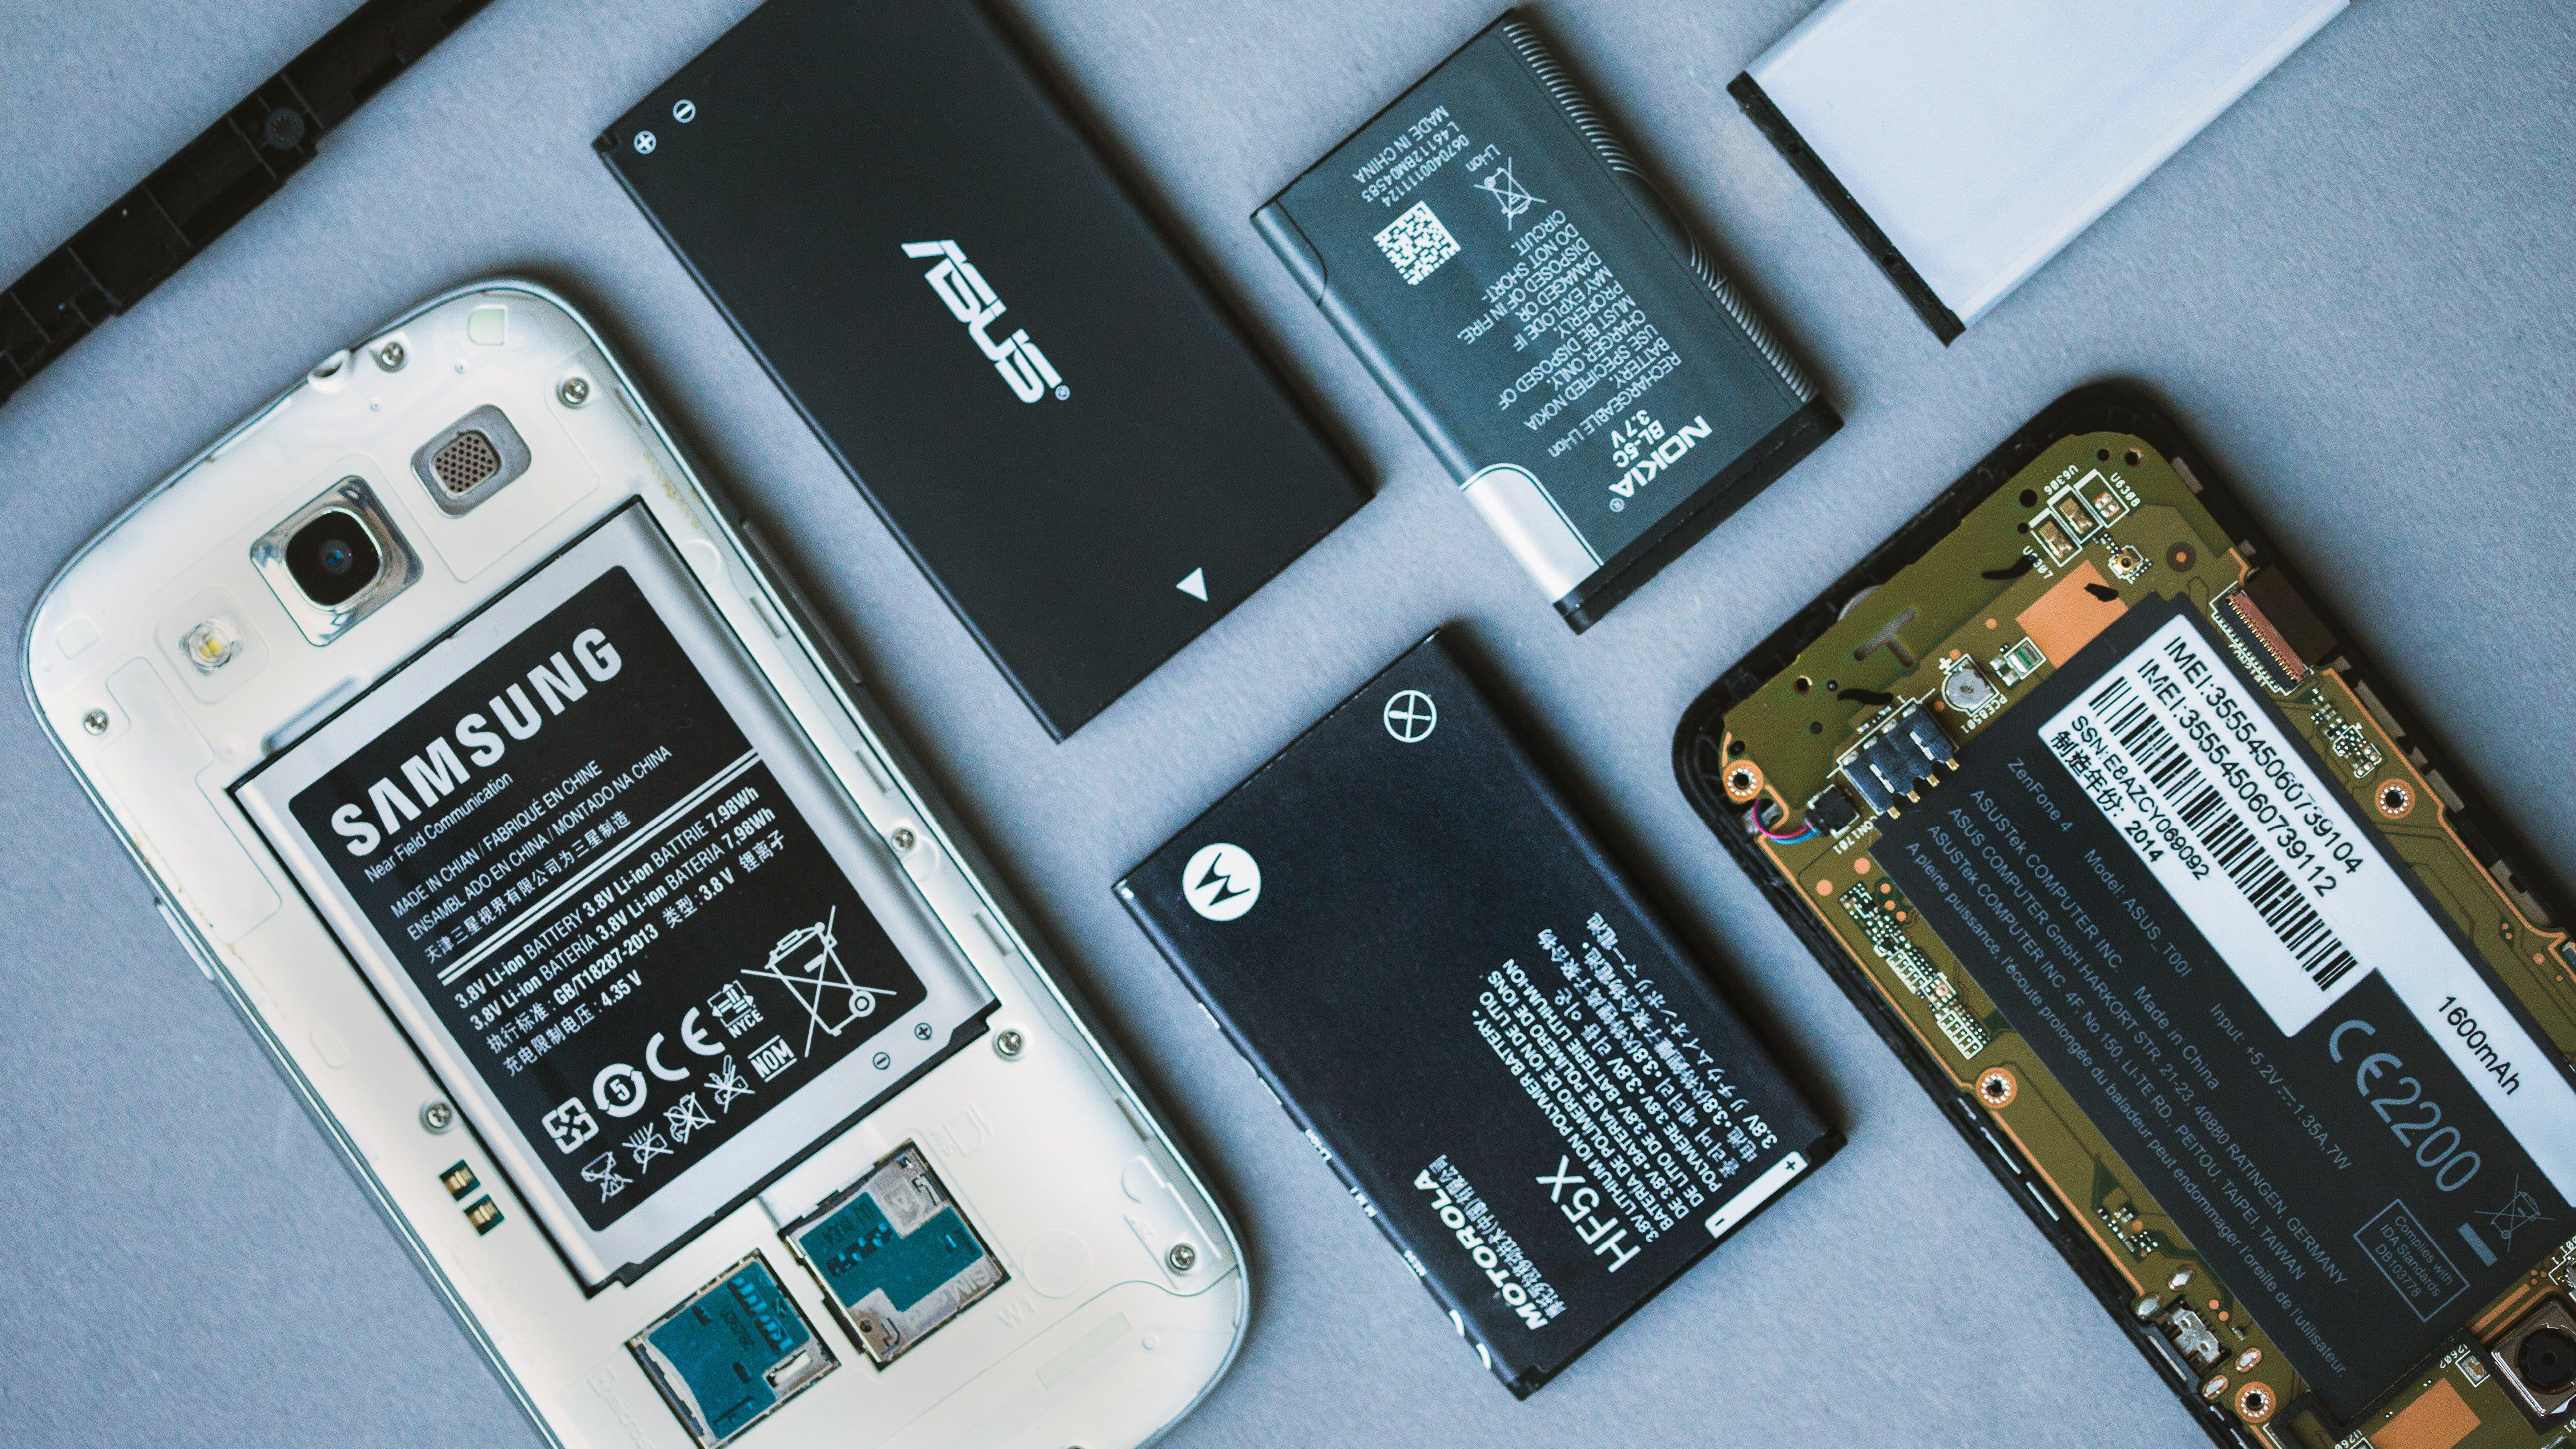 Votre Smartphone Chauffe T Il Trop Voici Les Problemes Et Solutions